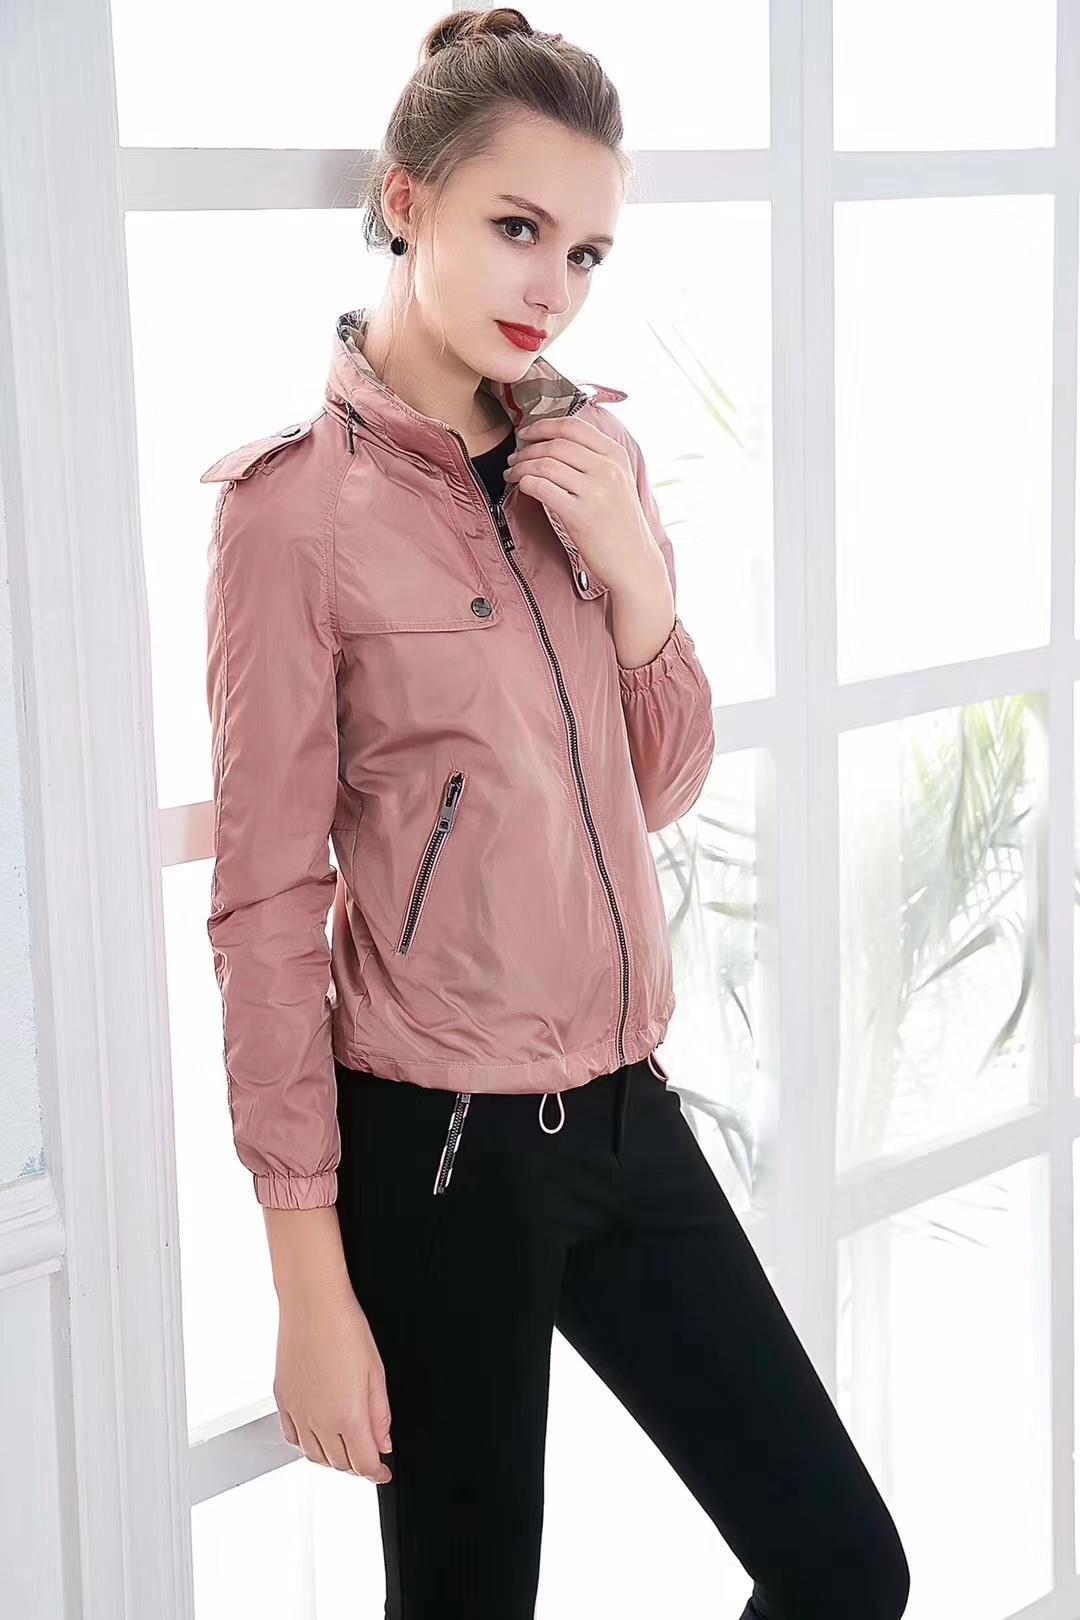 Casacos de outono luz das mulheres curto curto estilo Inglês impermeável cor sólida ocasional magro jaqueta nova Europa e América com capuz 40KHJHGH